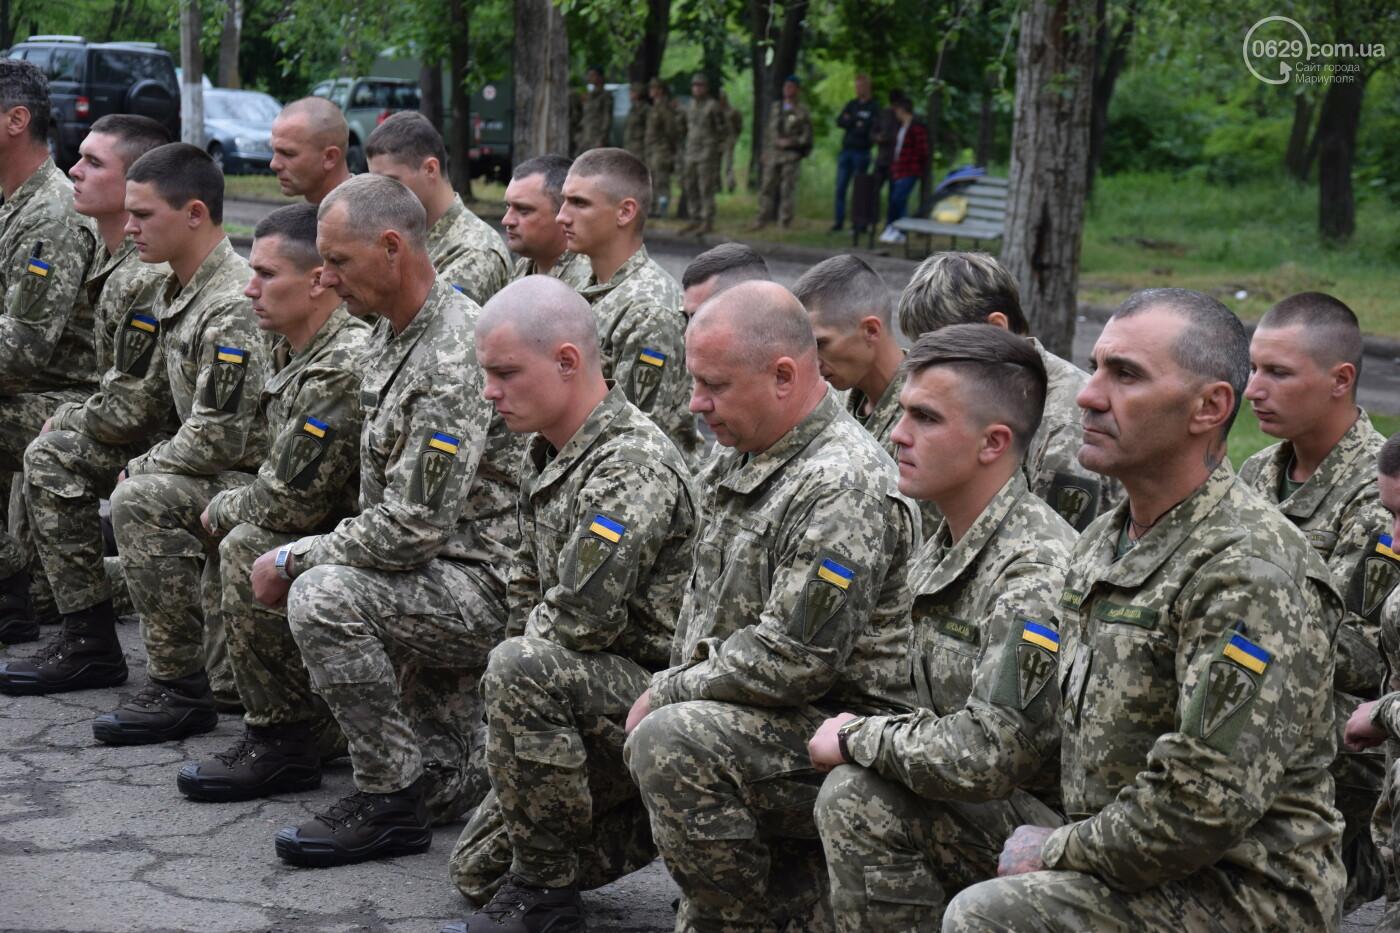 В Мариуполе морпехи присягнули на верность Украине и получили боевое знамя, - ФОТОРЕПОРТАЖ, фото-10